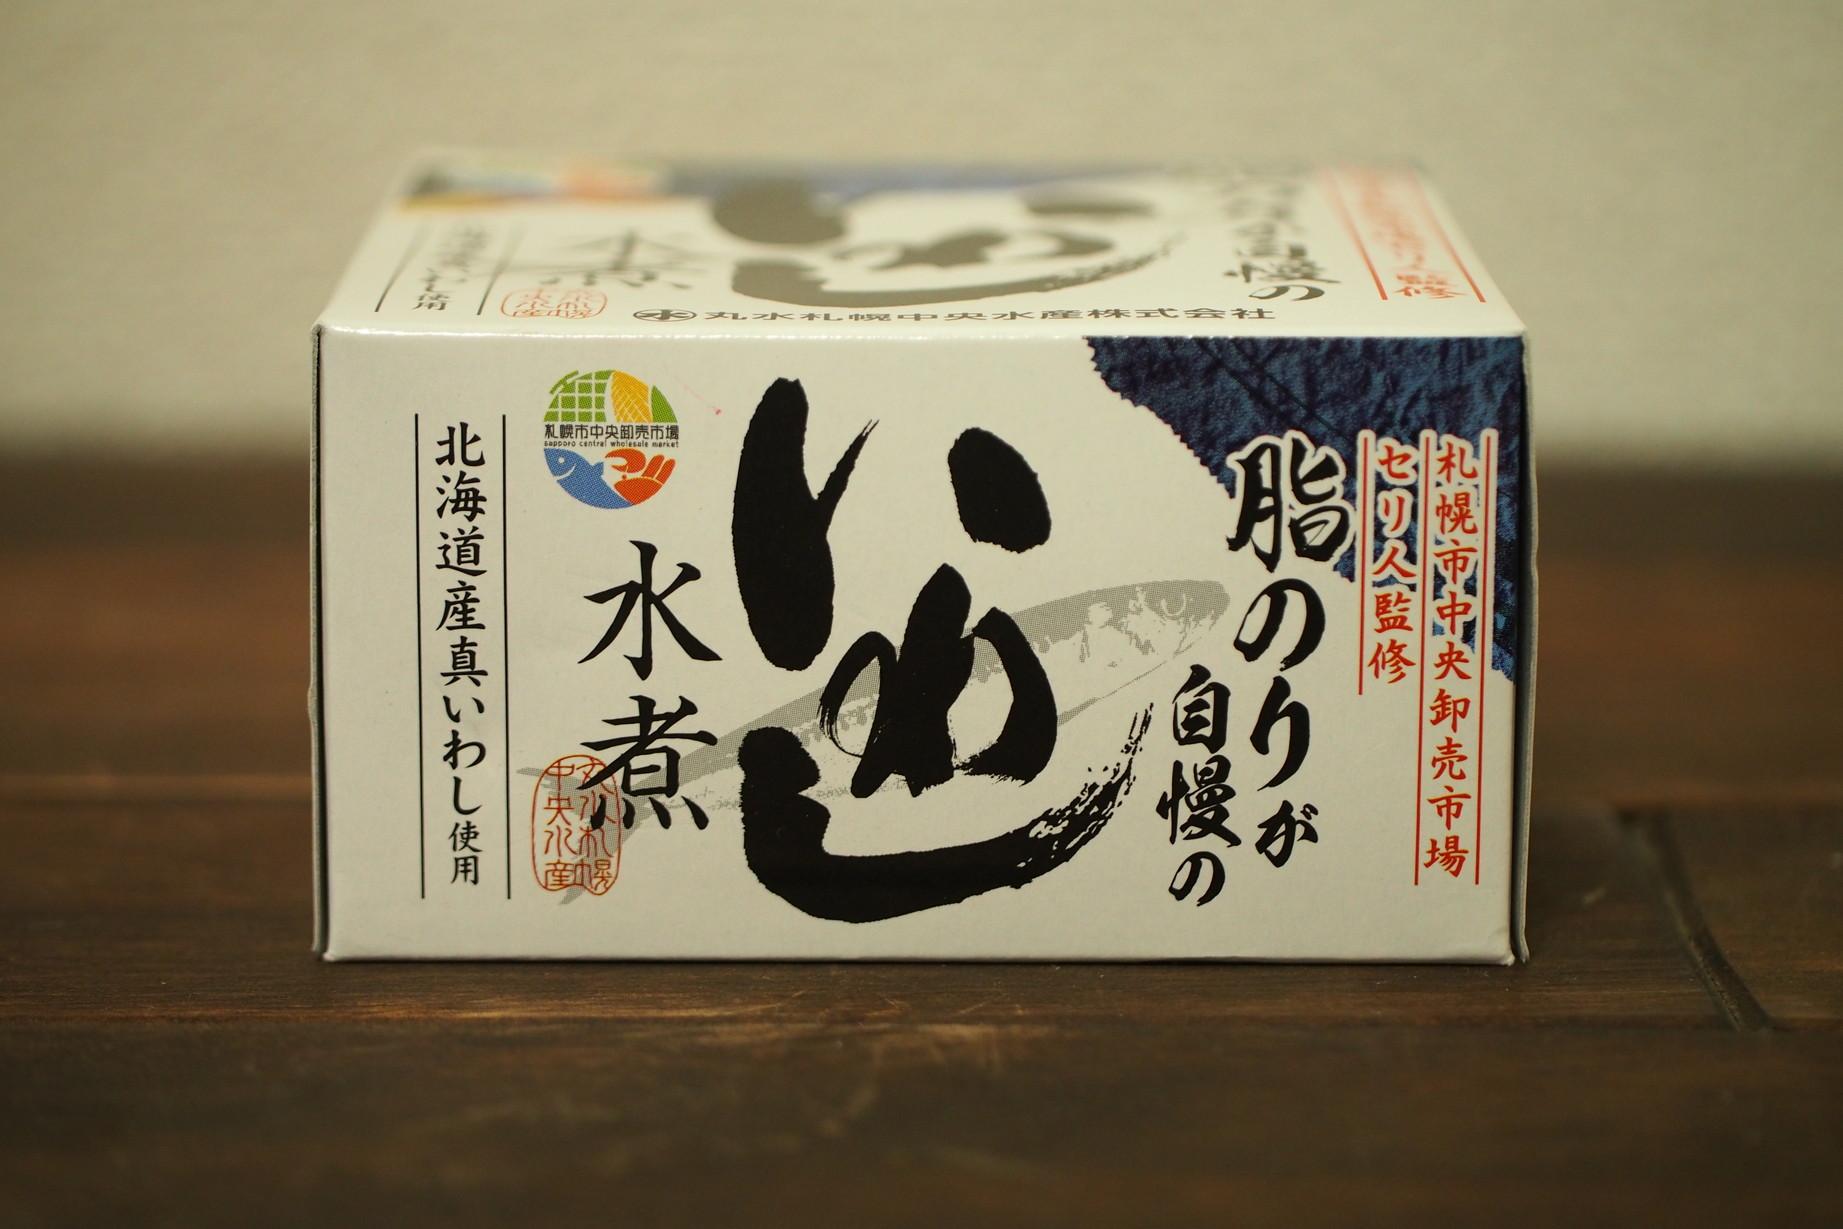 丸水札幌中央水産 脂のりが自慢のいわし水煮 パッケージ